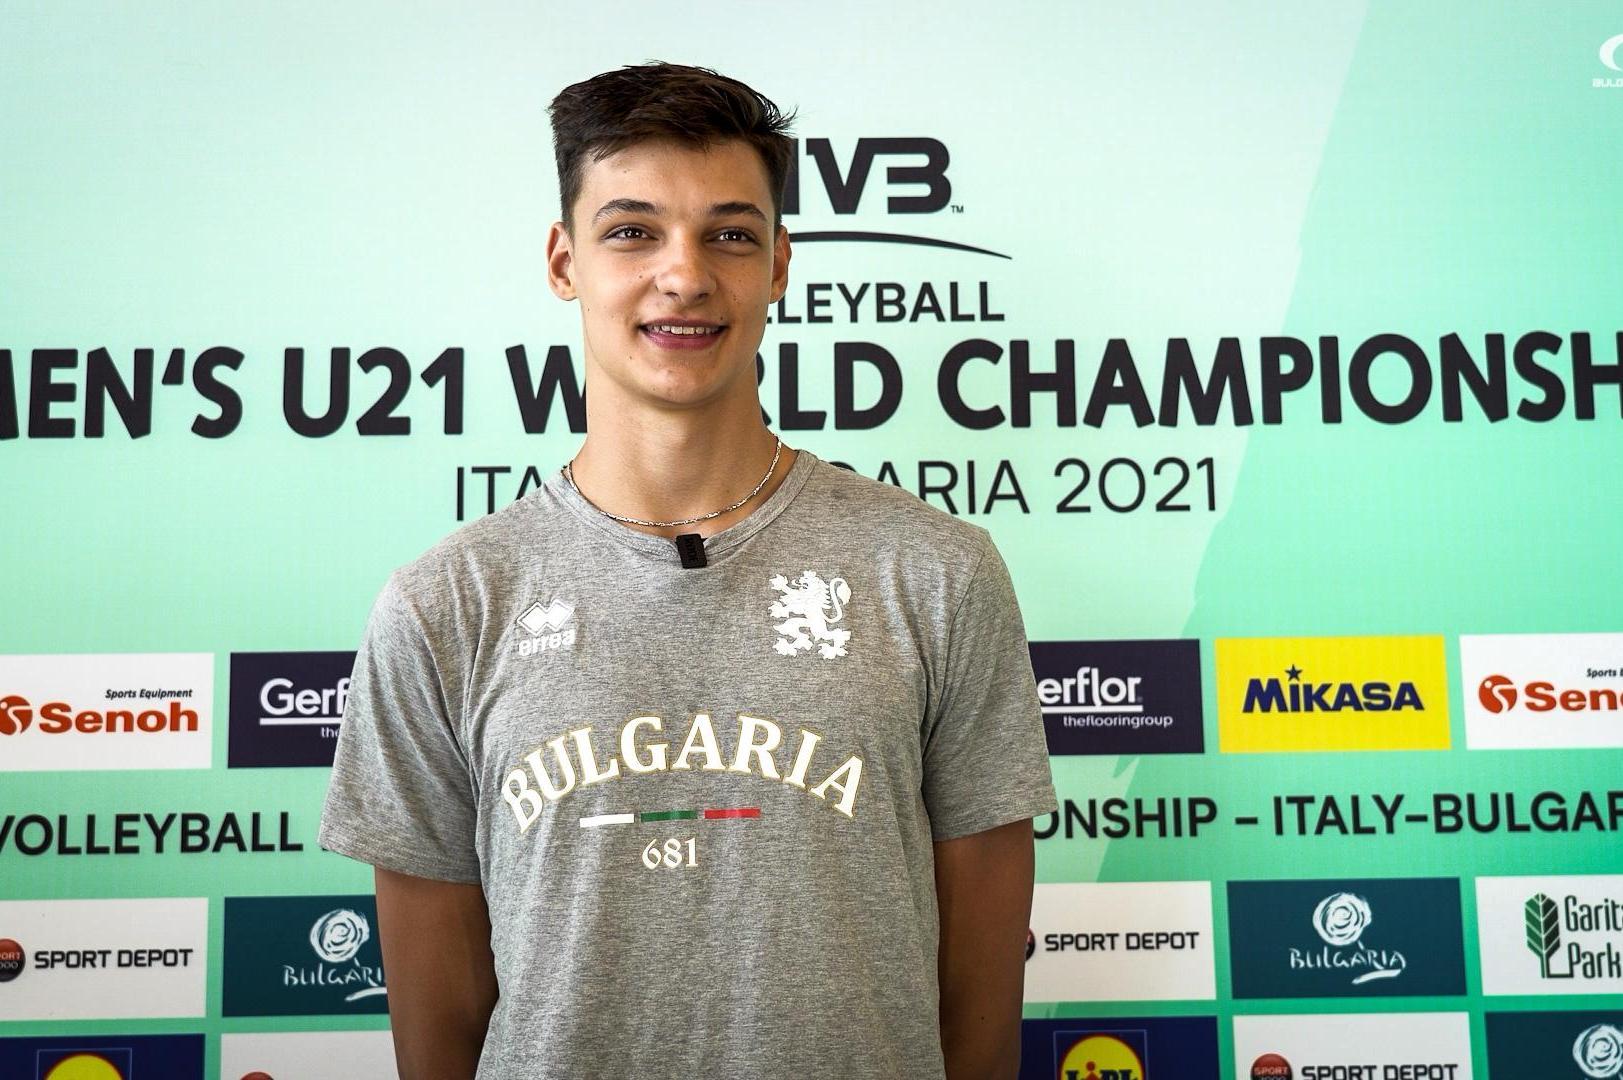 Христо Стоичков е любимият български спортист на волейболния талант Алексан